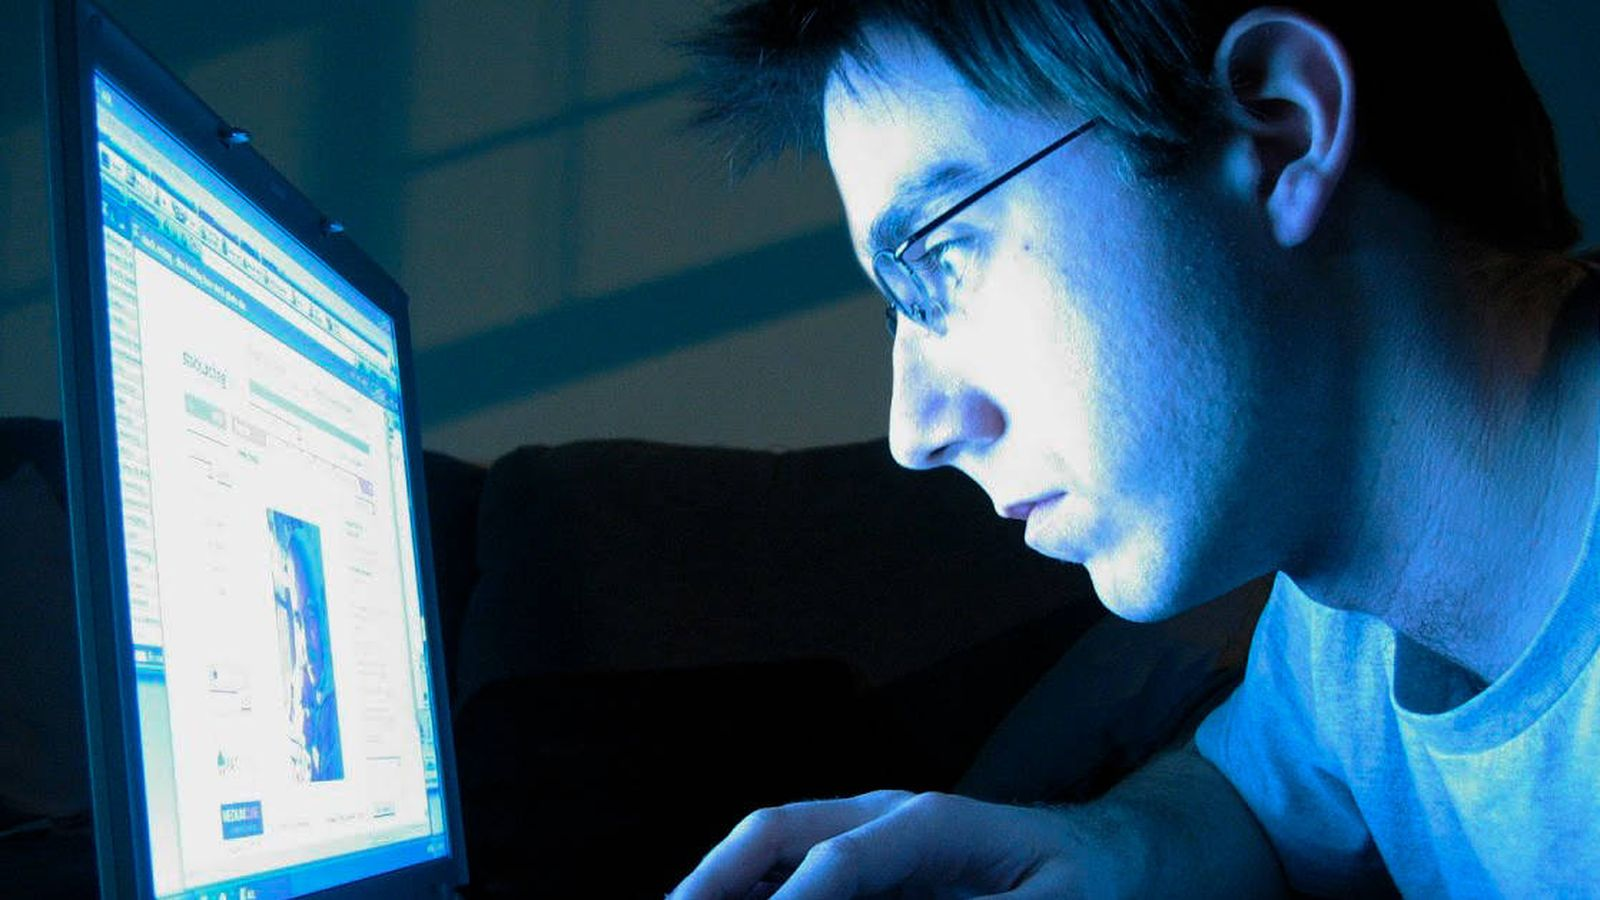 a15b03a5a3 Informática: ¿Muchas horas frente a la pantalla? Qué usar (y qué no) para  proteger tu vista de la luz azul